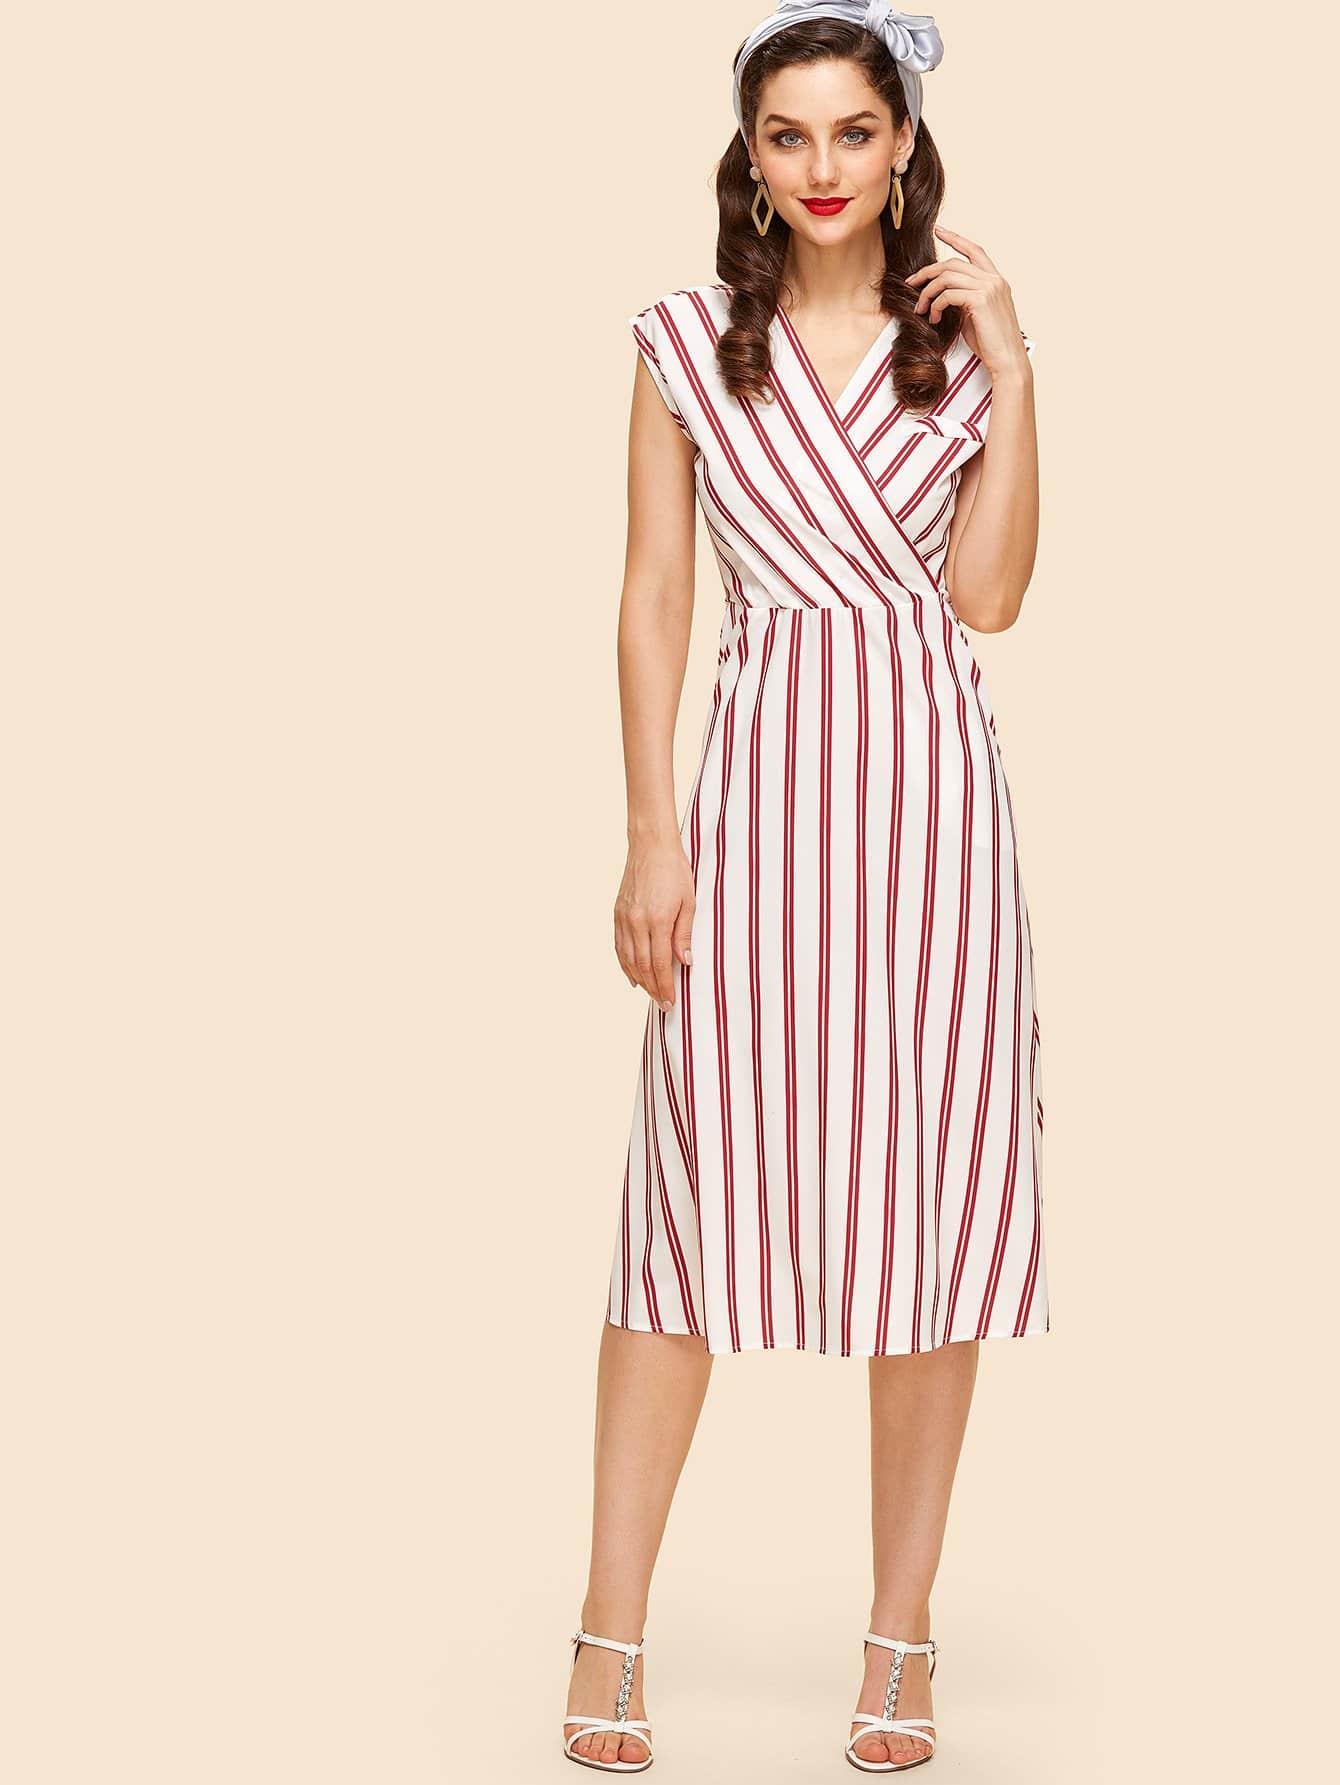 Overlap Front Striped Dress overlap front m slit velvet dress